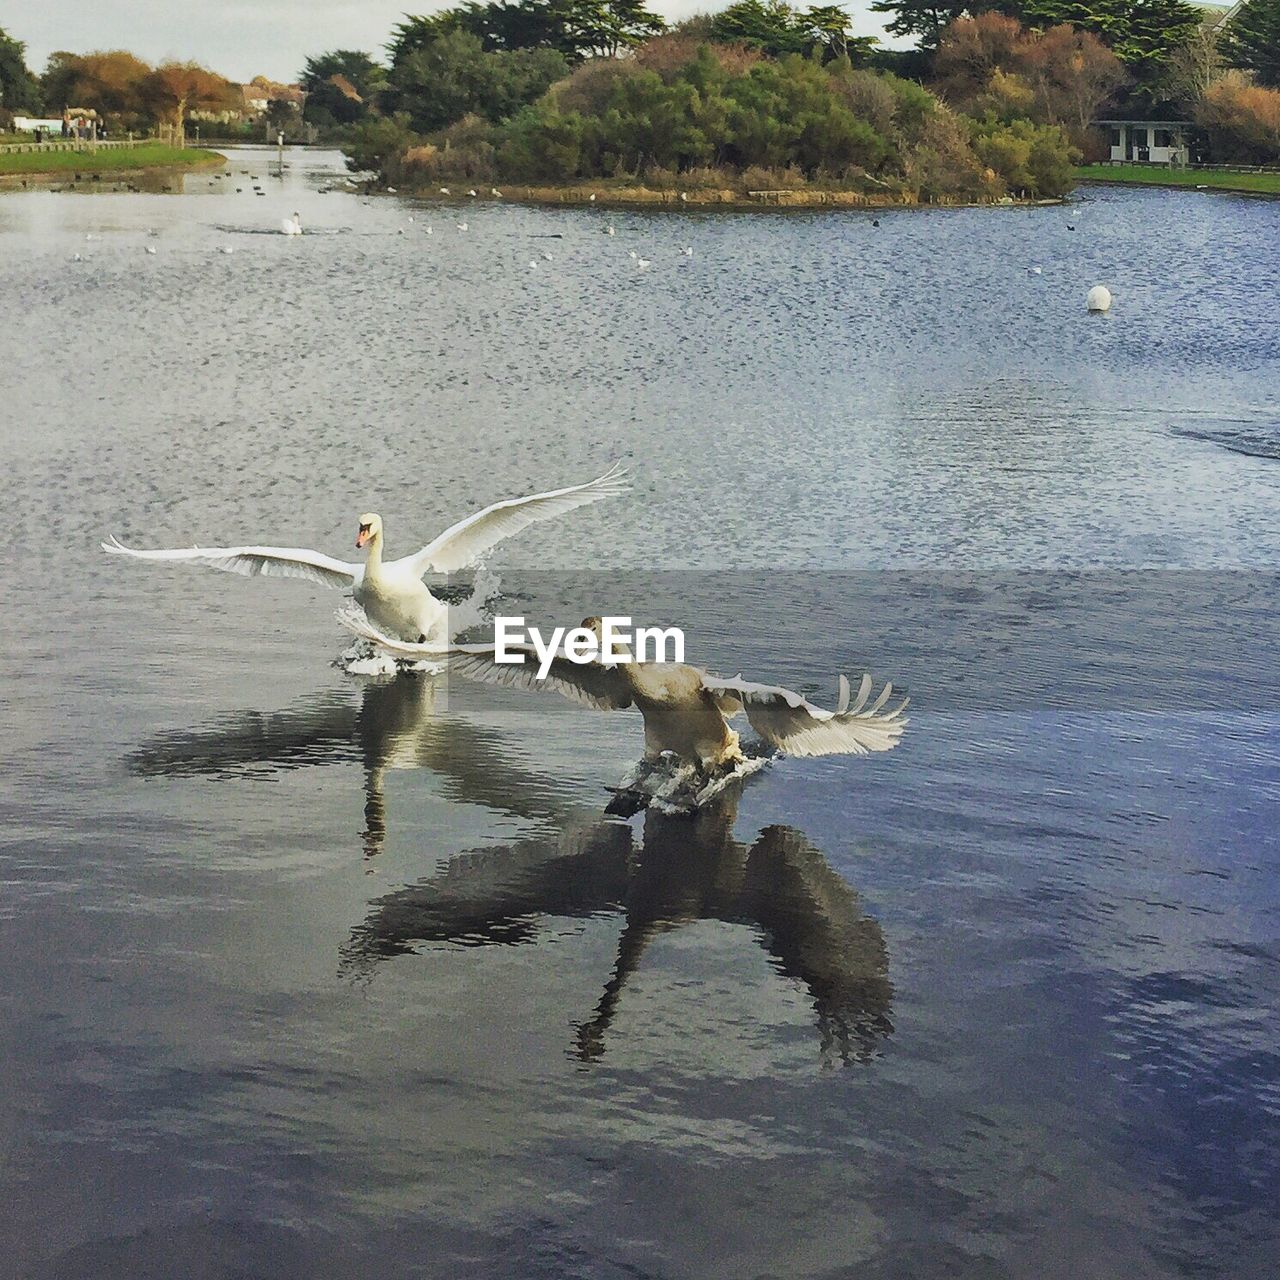 SWAN FLYING BY LAKE